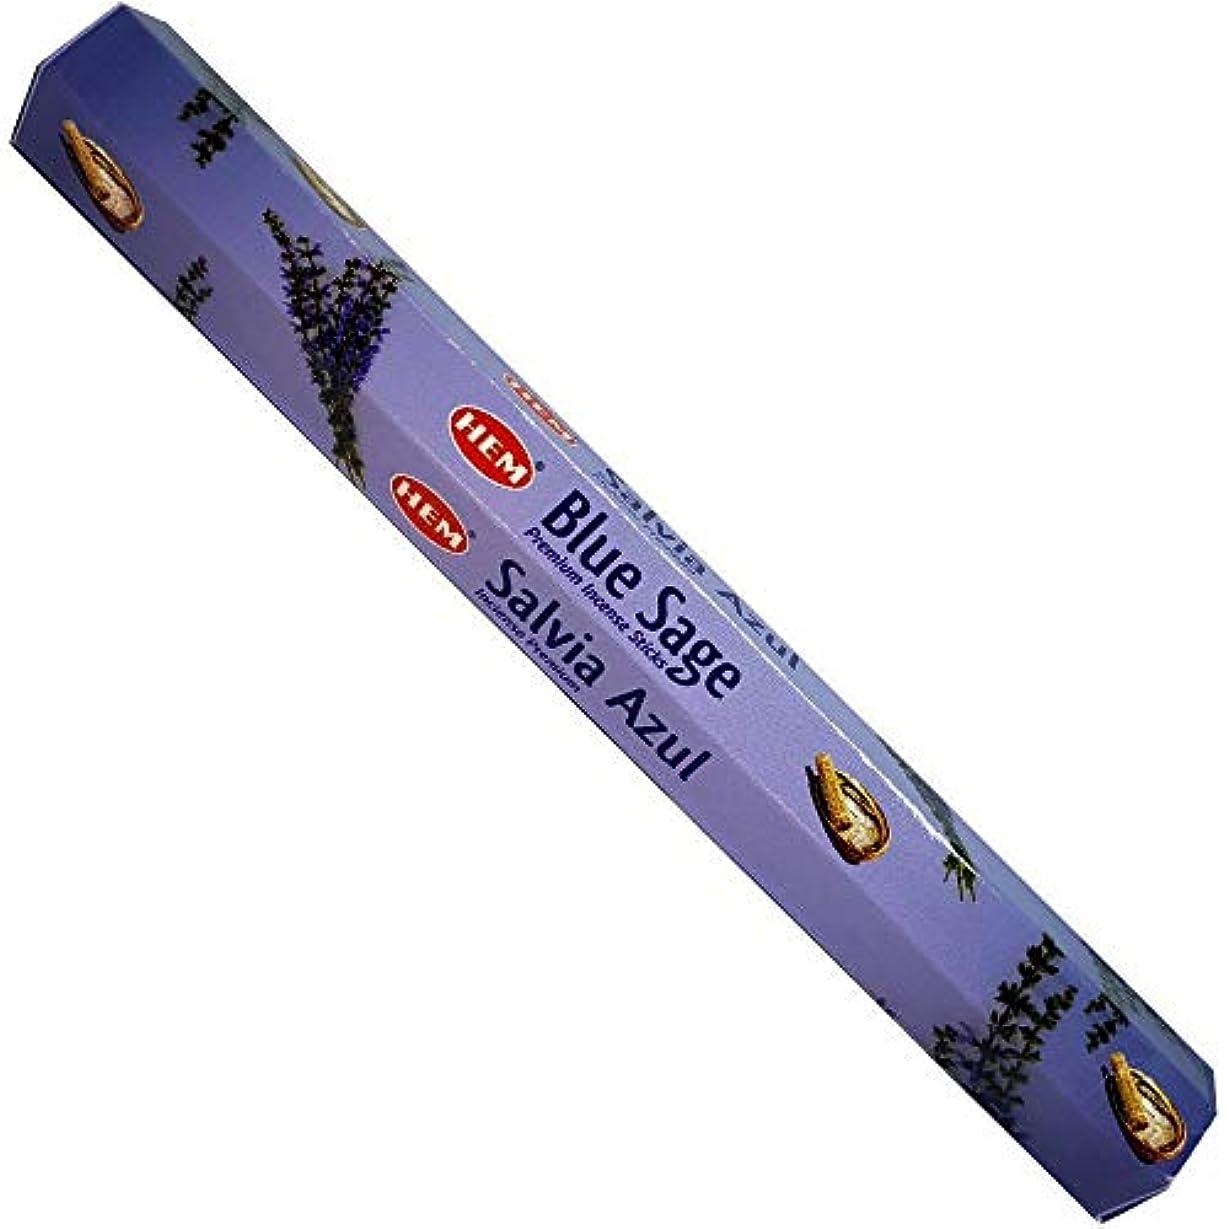 軸幾何学データム裾ブルーセージBest Seller Incense Bulk 6 x 20スティック( 120 Sticks ) by 4quarters & More